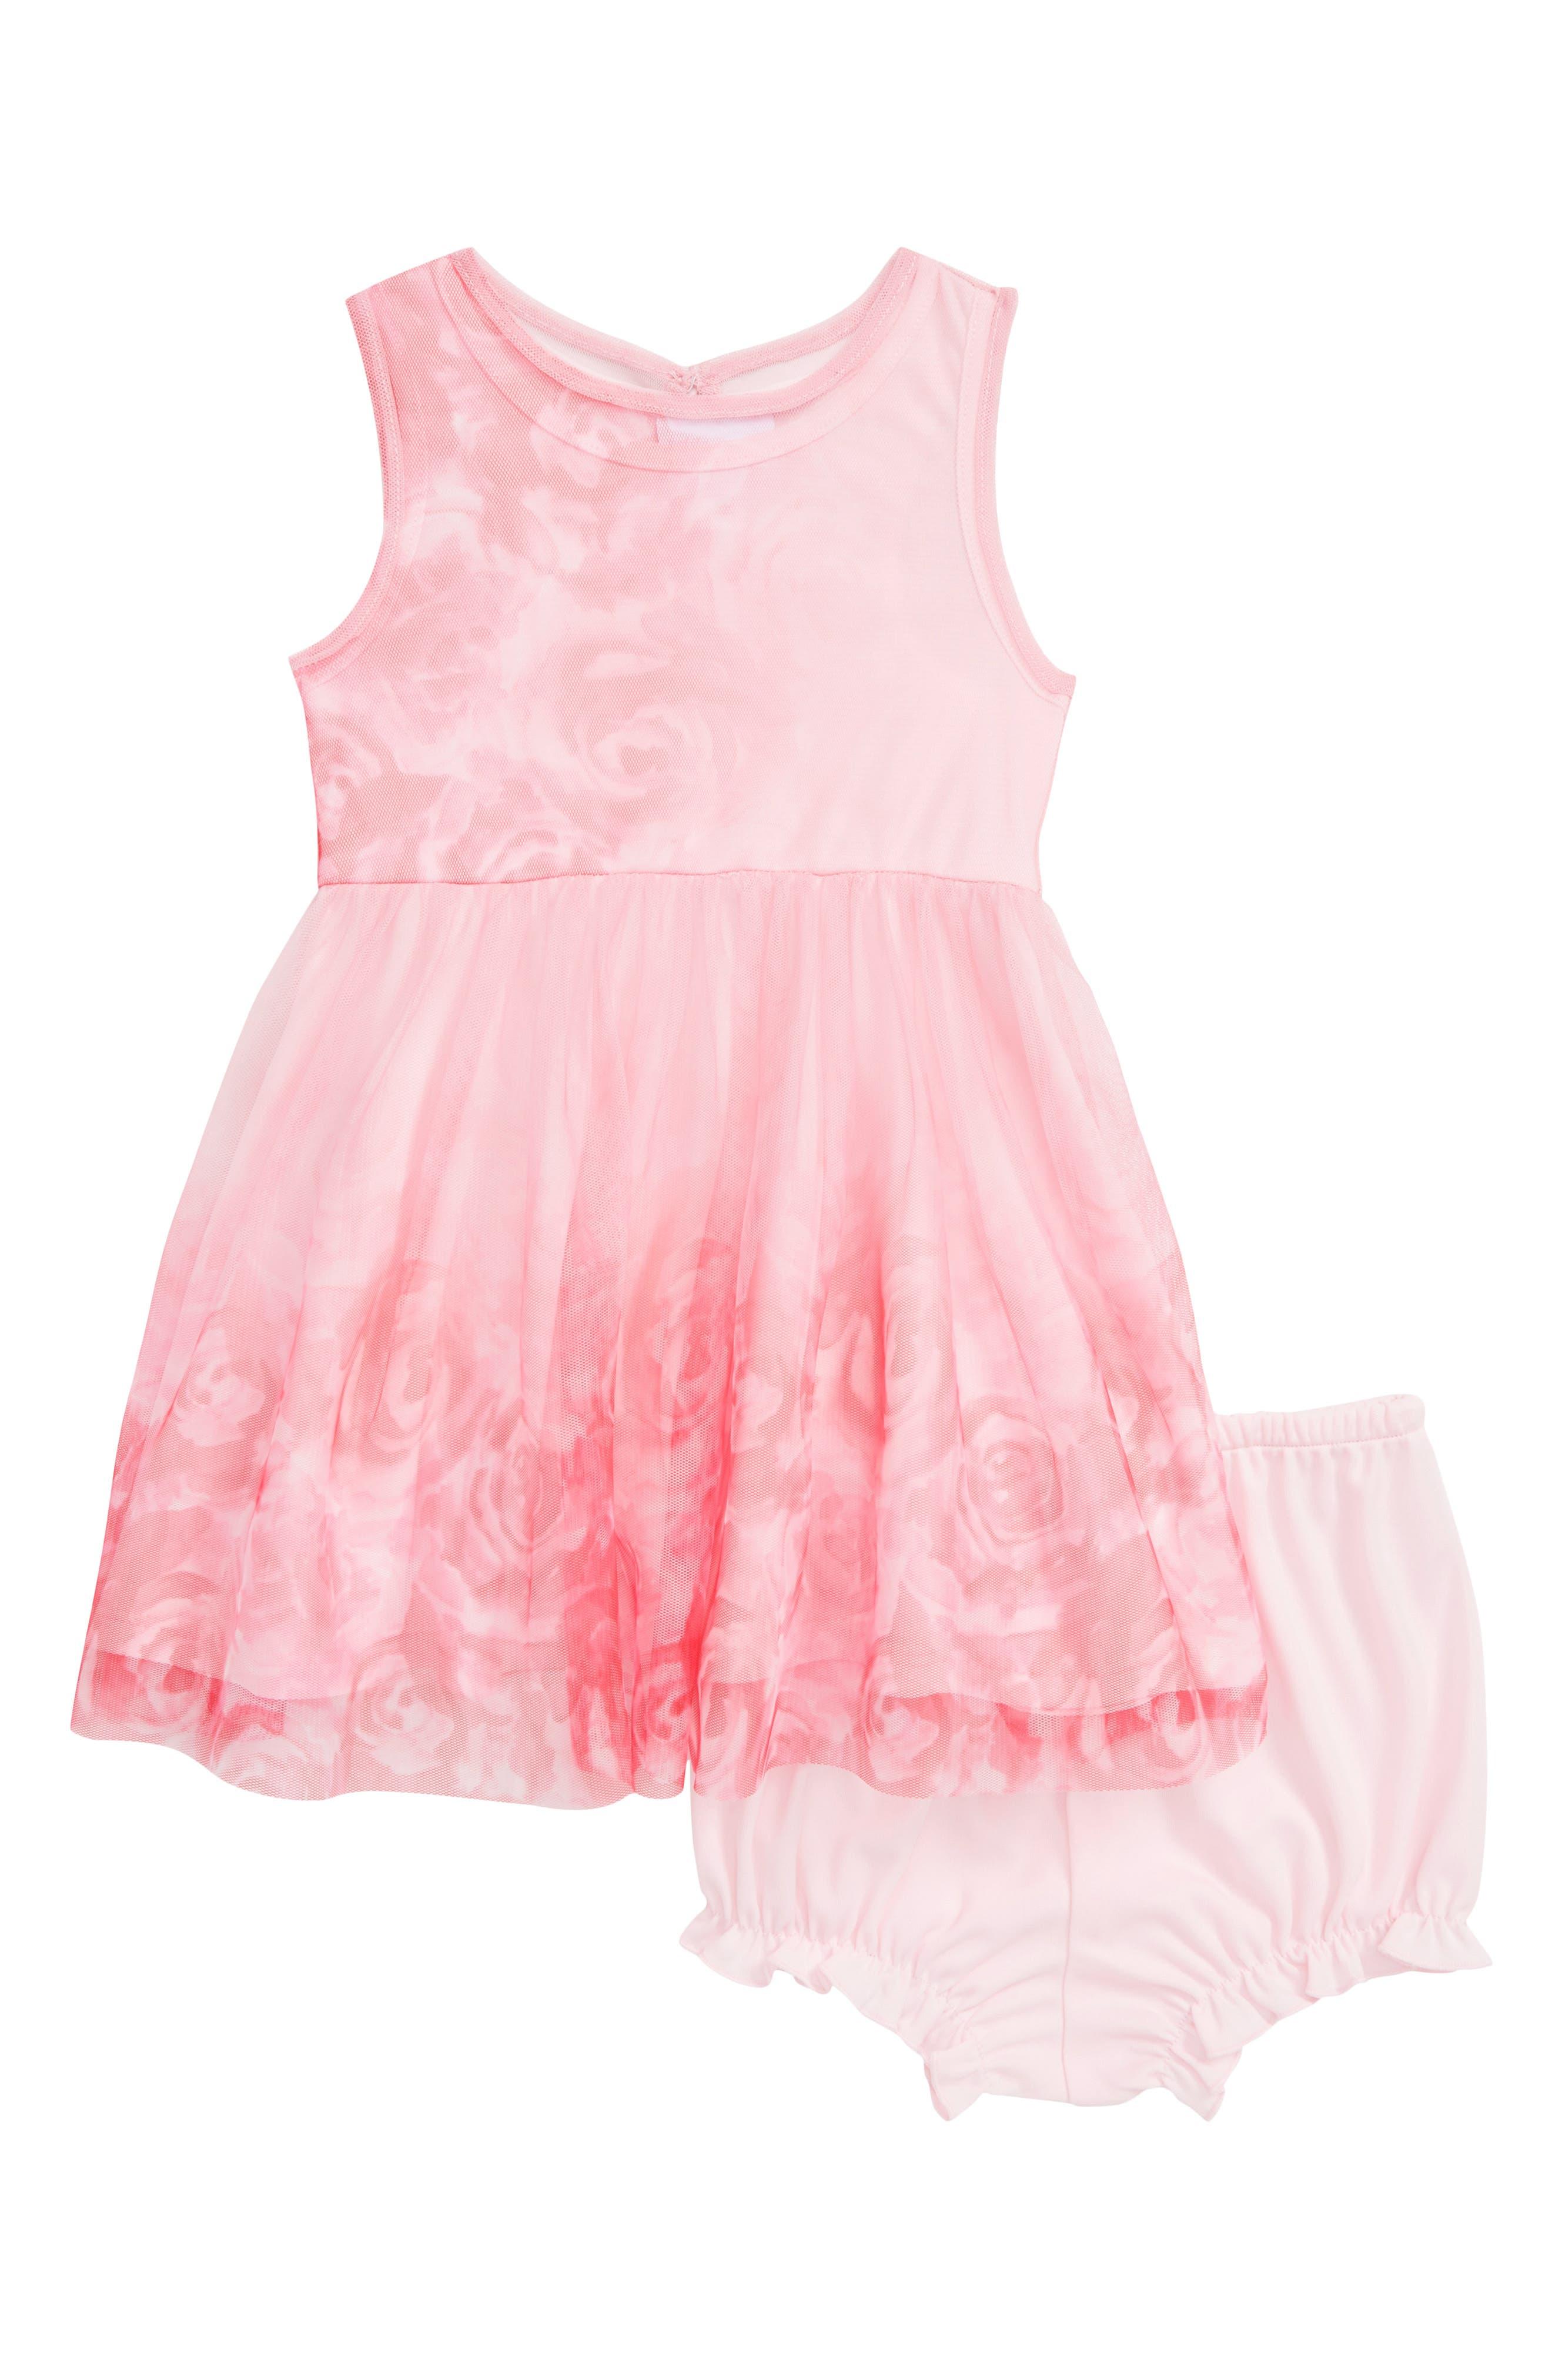 FRAIS Ombré Floral Print Mesh Dress, Main, color, FUCHSIA